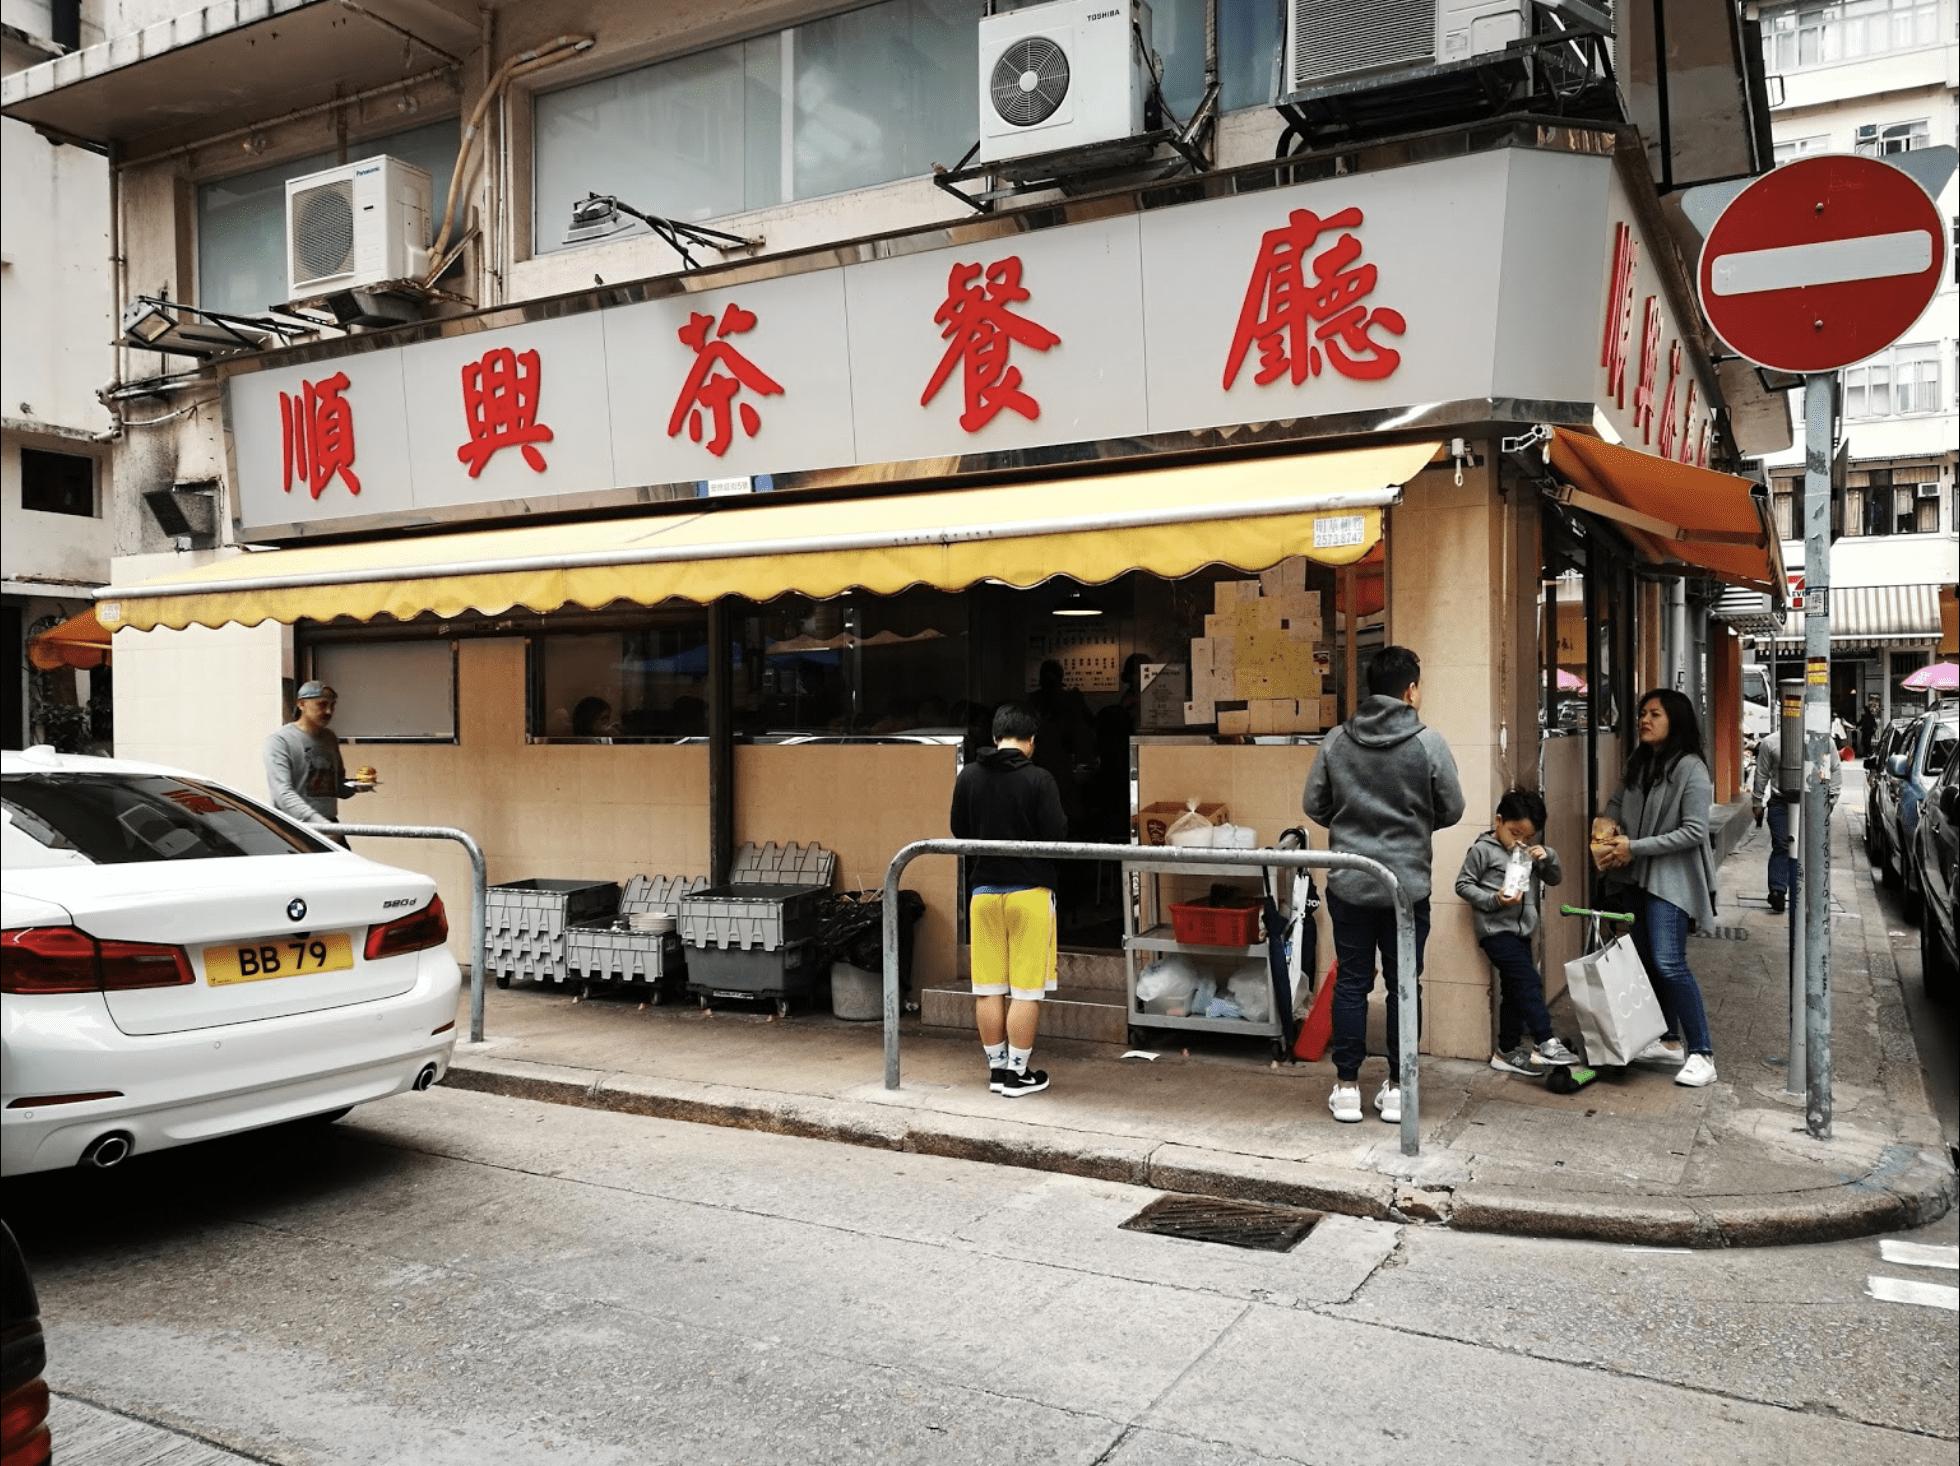 大坑美食 / 馳名滑蛋平民茶餐廳 / 順興茶檔